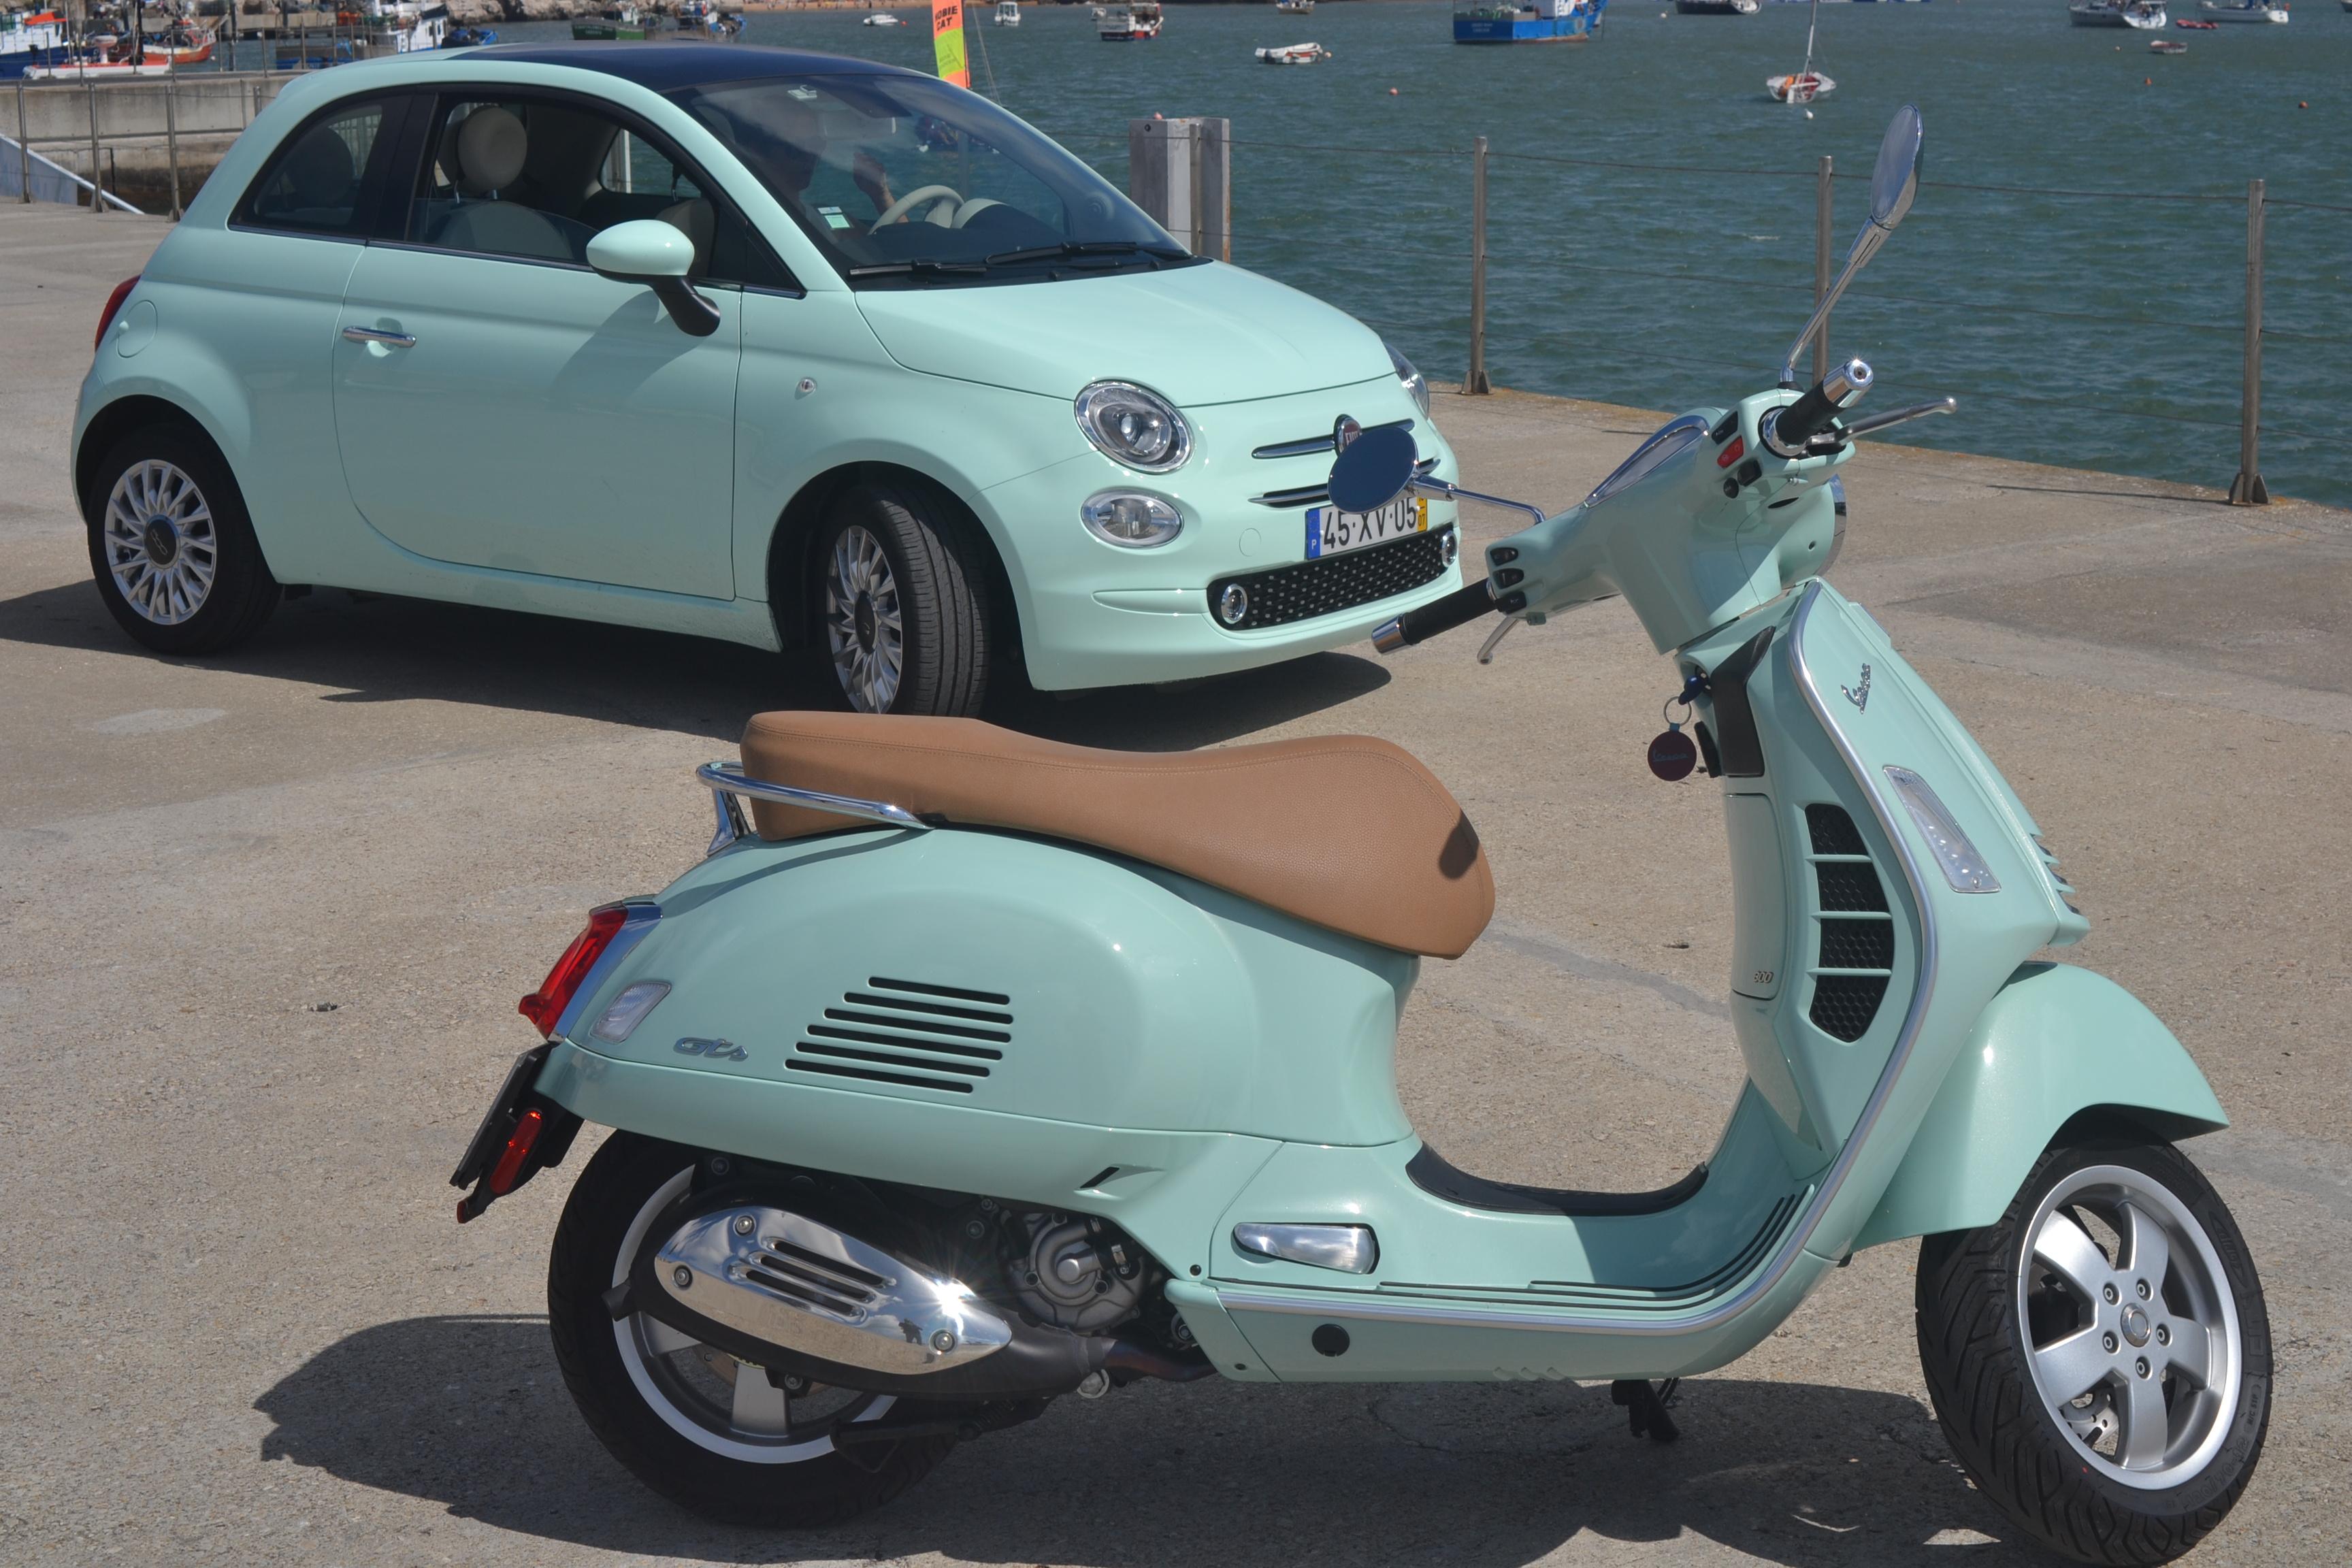 Ensaio Vespa Gts 300 Hpe Um Vespone Com Motor High Power Motomais